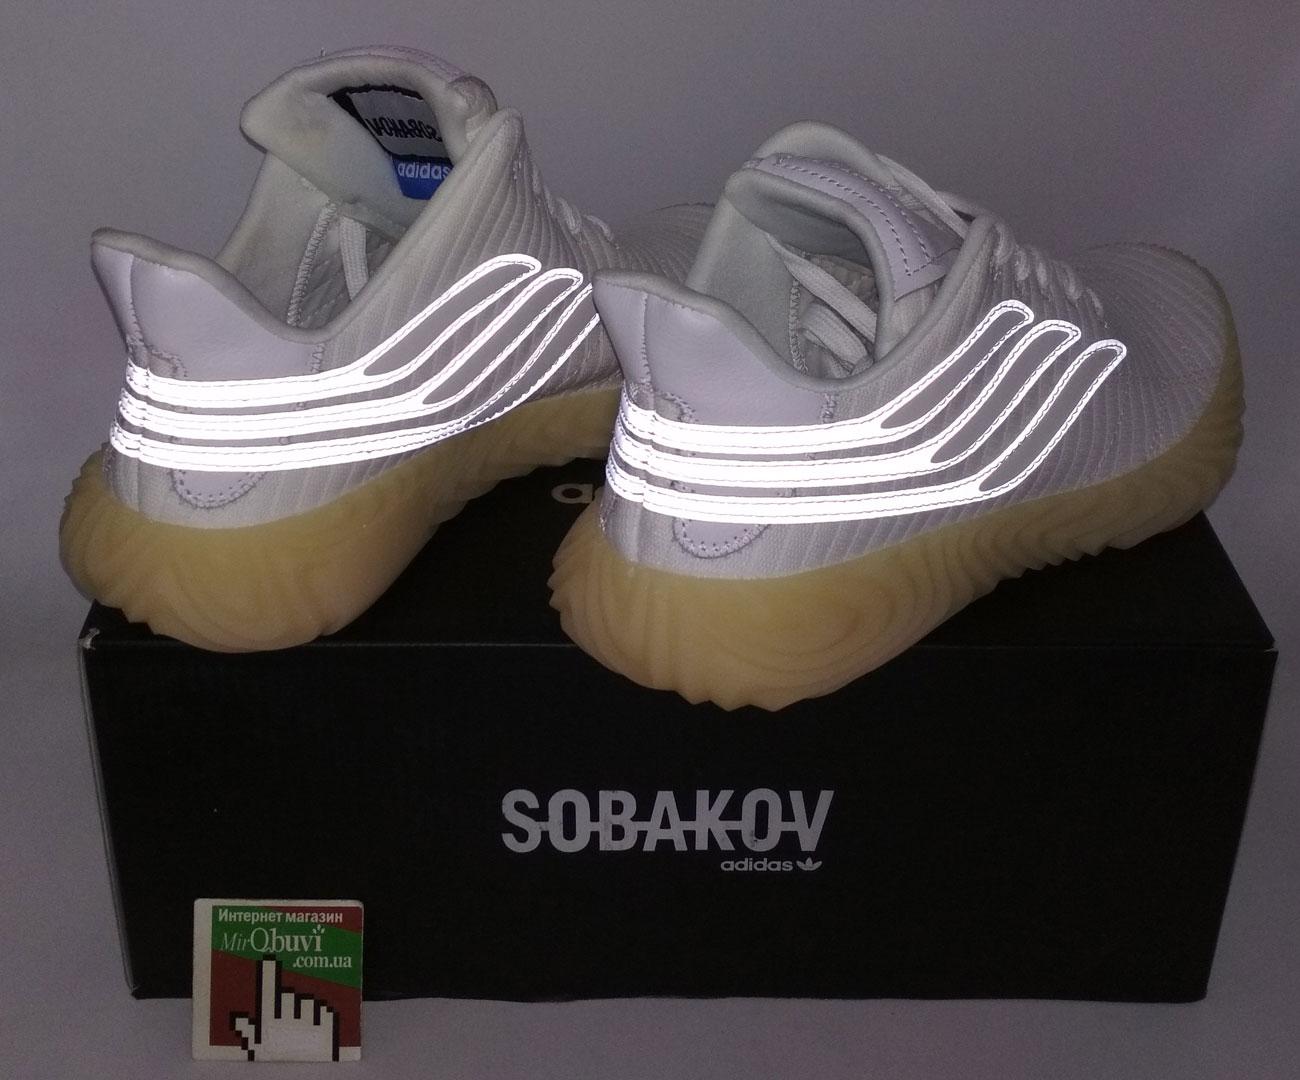 большое фото №5 Кроссовки Adidas Sobakov белые с желтой подошвой, рефлективные. Топ качество!